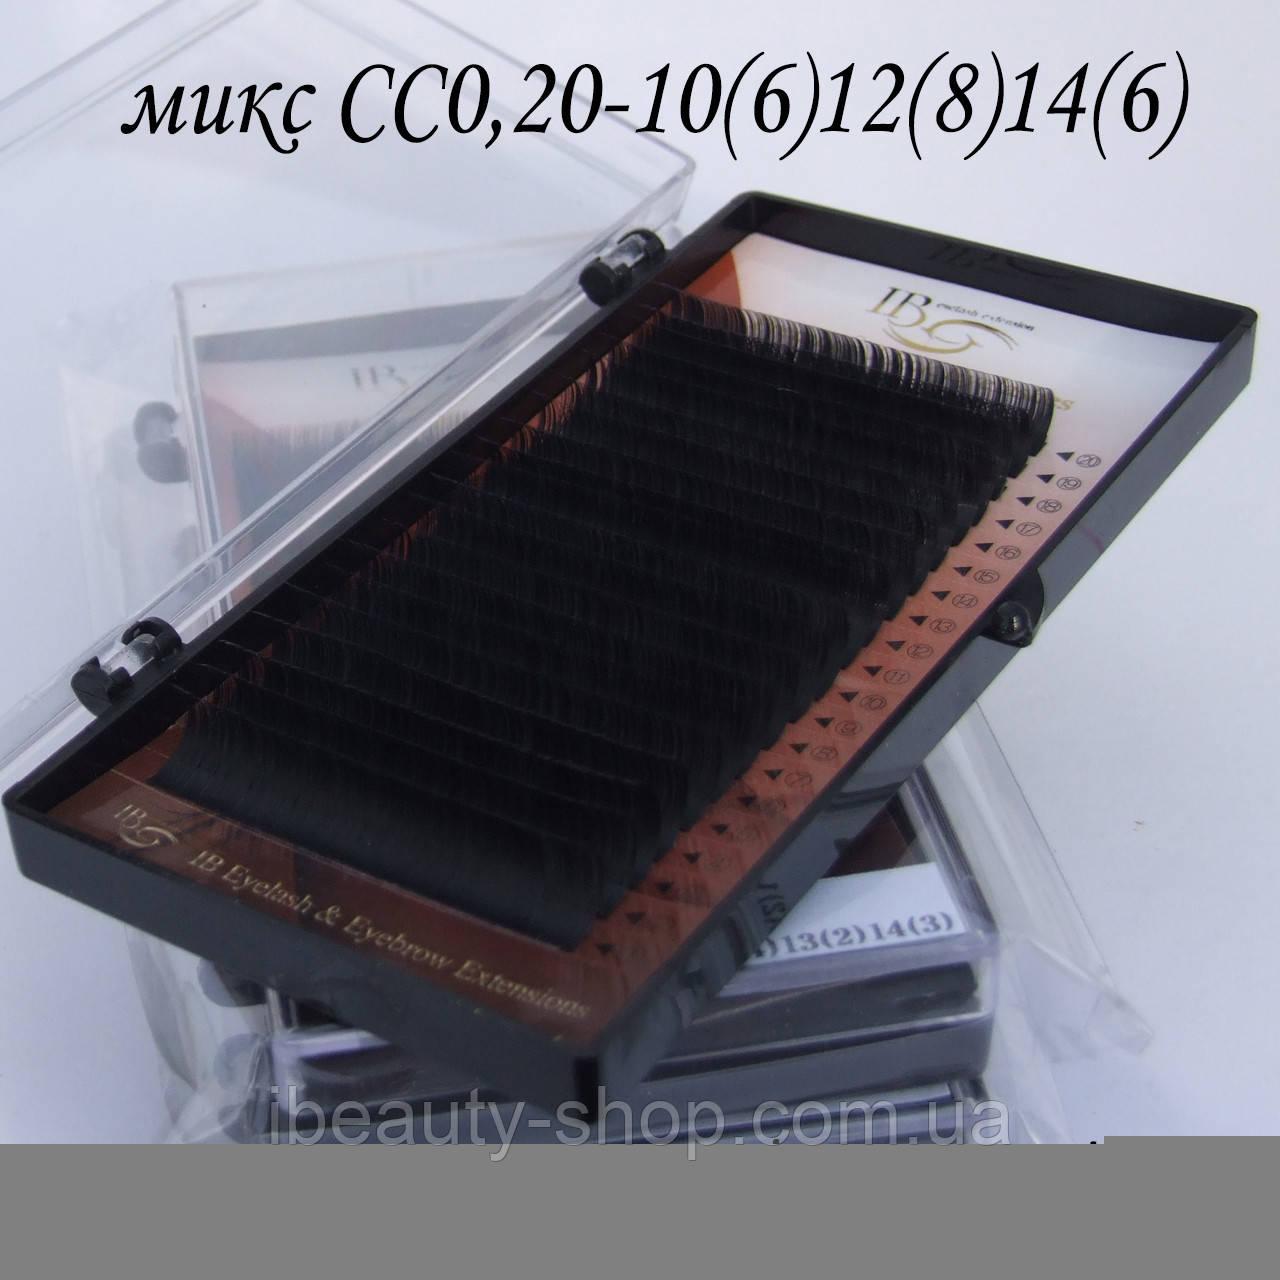 Ресницы I-Beauty микс СС-0,20 10-12-14мм